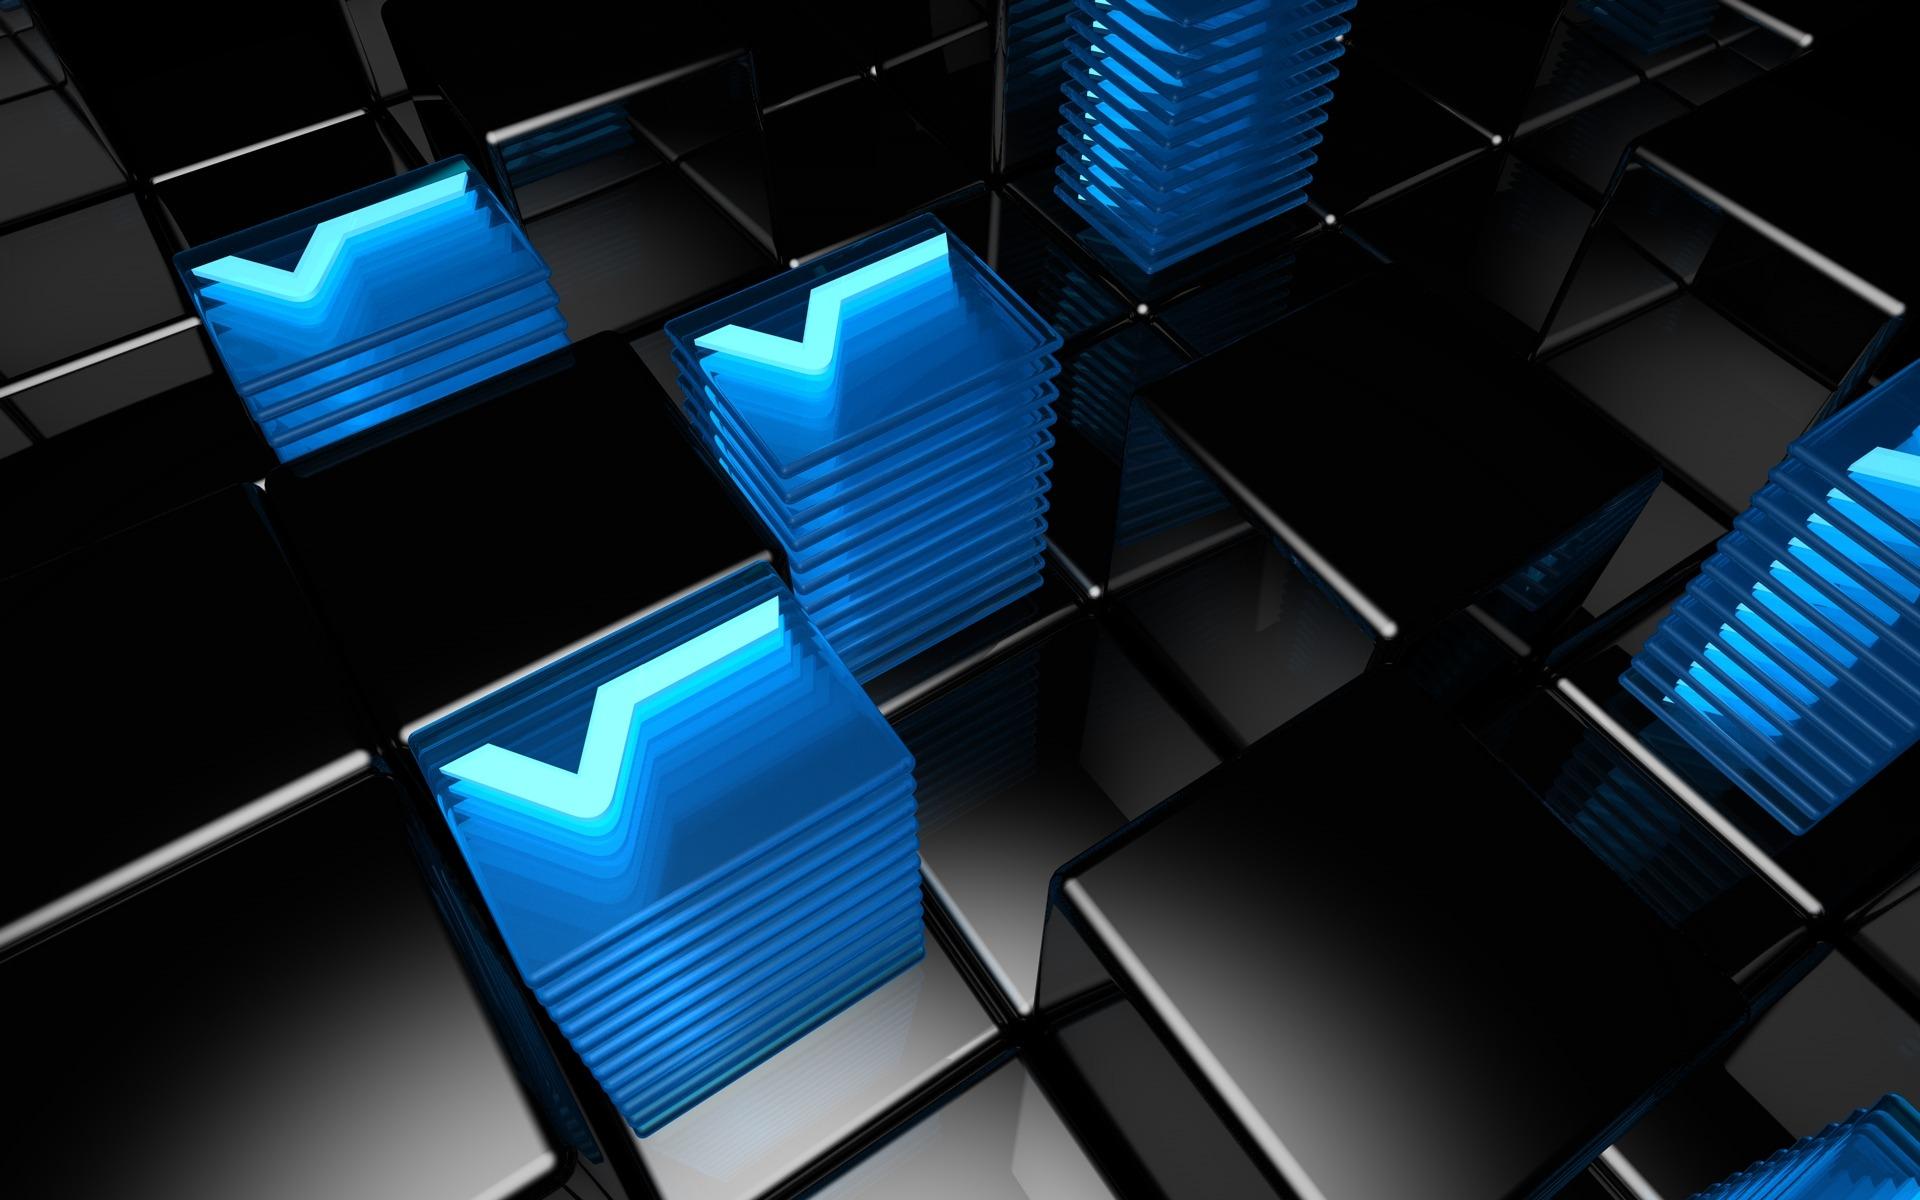 ブルーブラックライトを形作ります 3dアートワークベクトルの壁紙プレビュー 10wallpaper Com